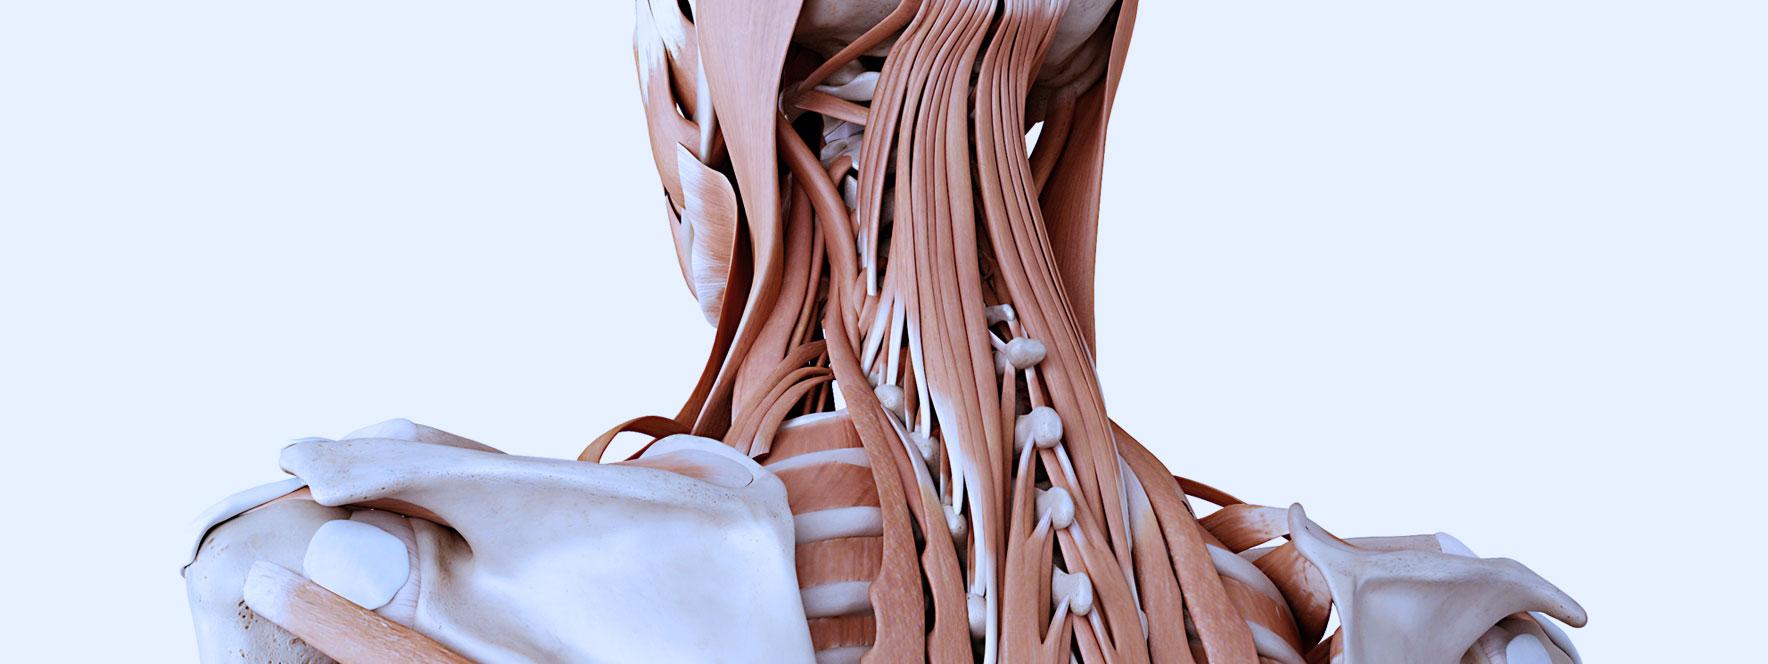 cervicobrachialgie tension musculaire - Blogue du Réseau